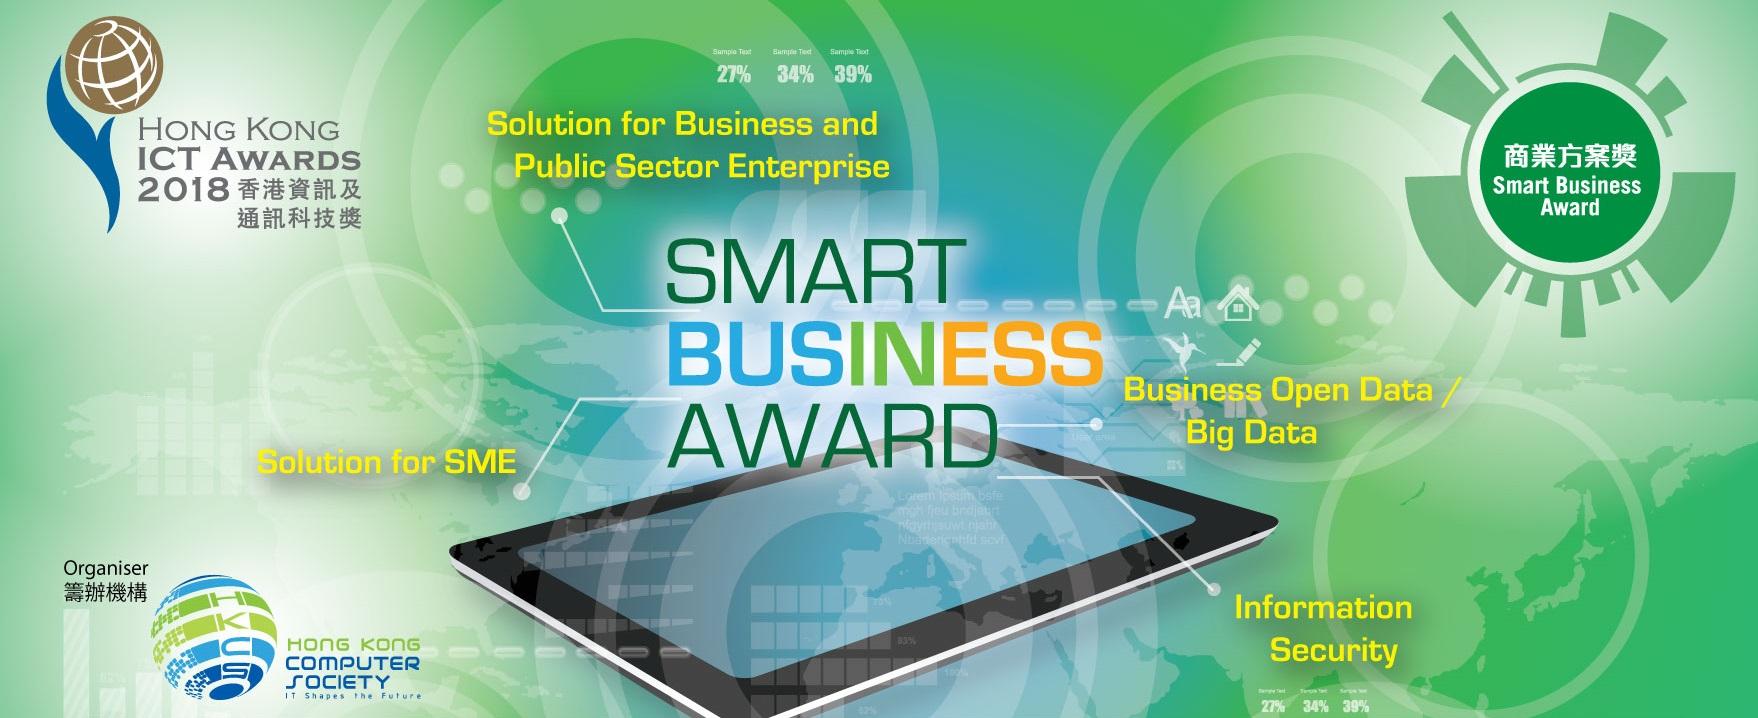 ICT Awards 2018